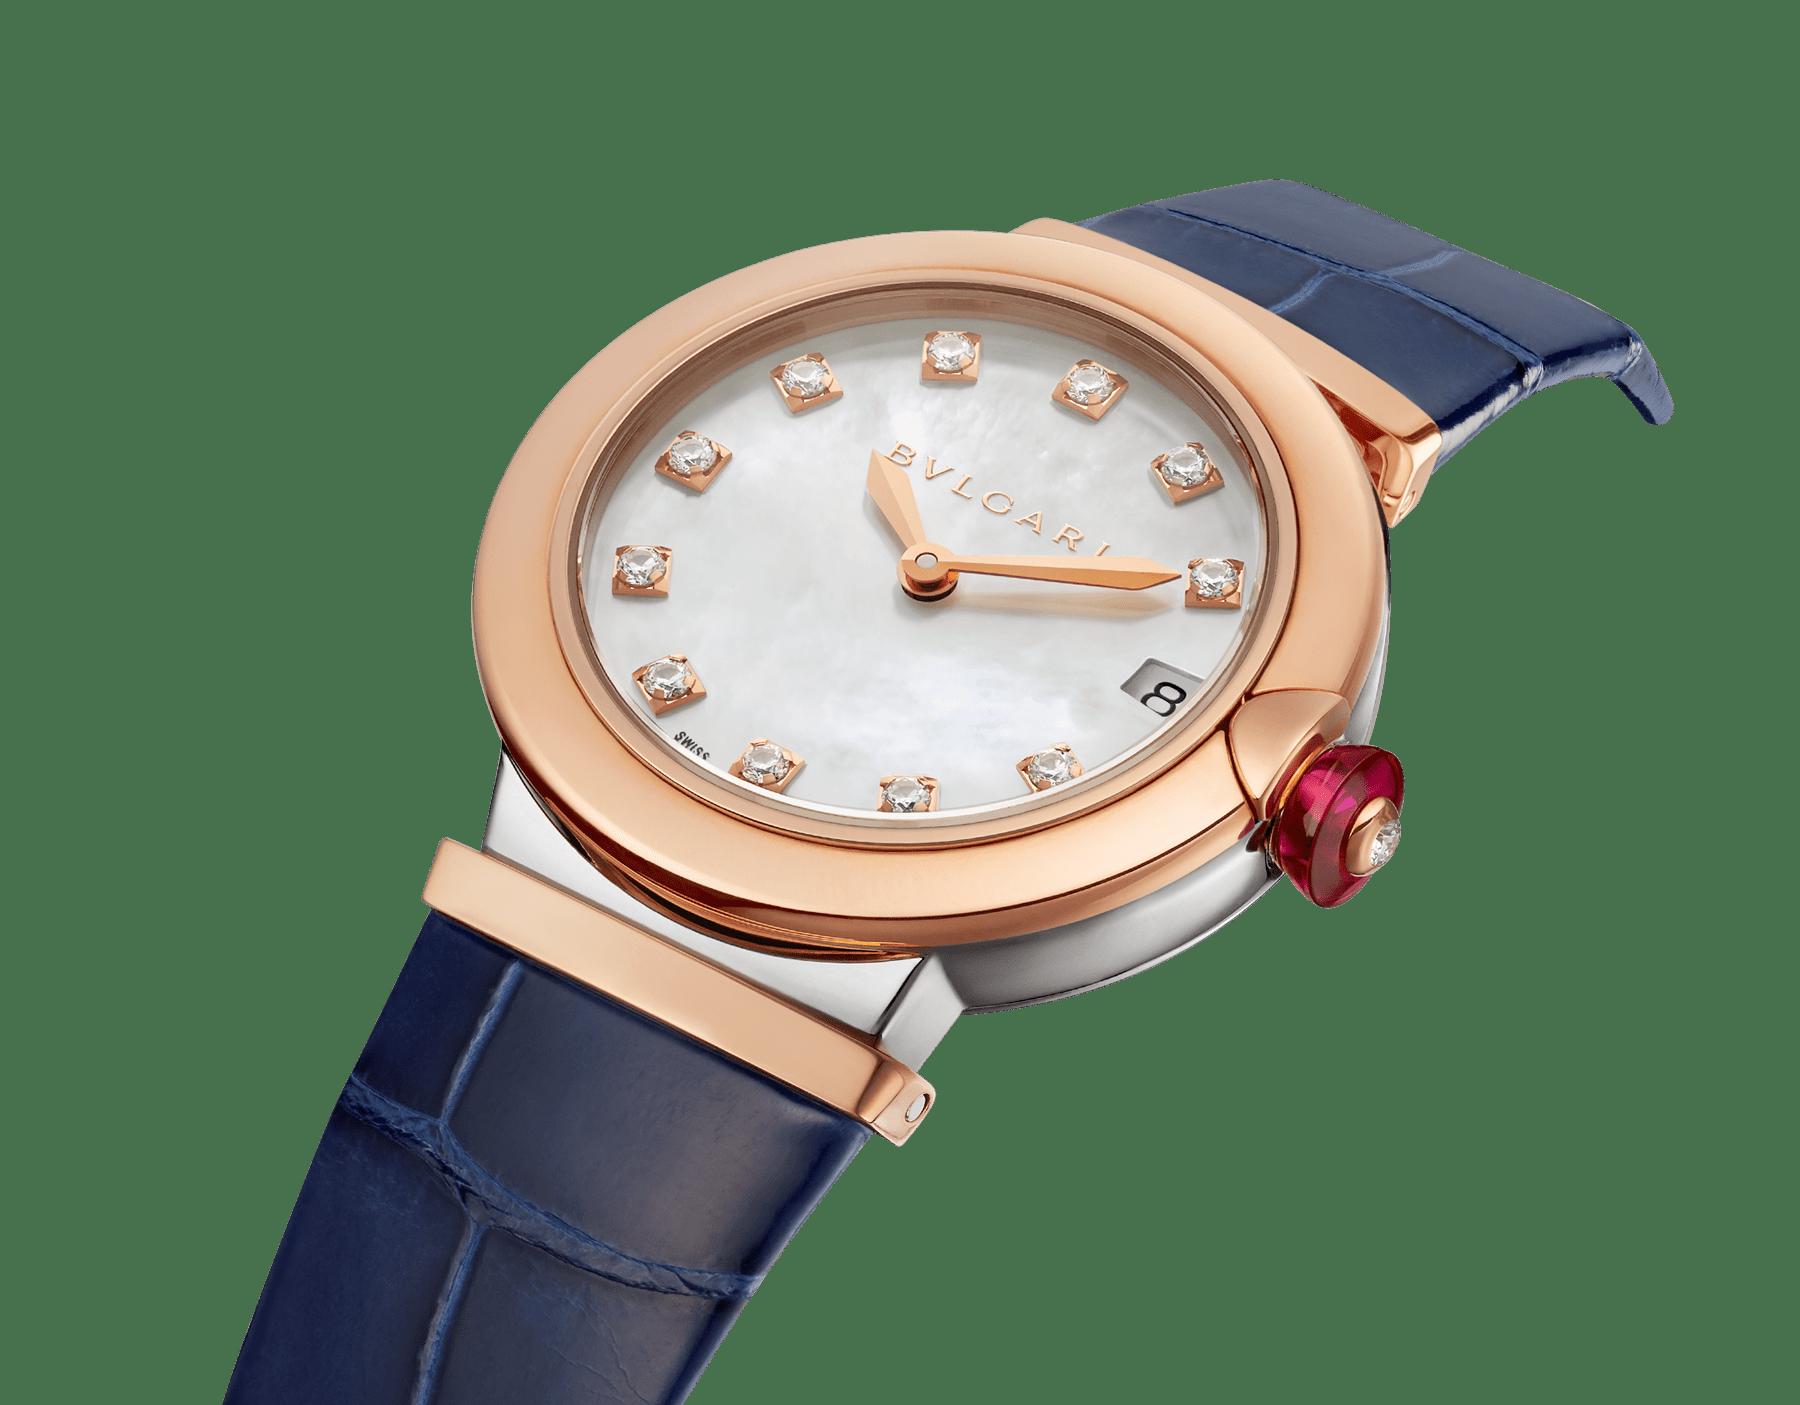 LVCEA Uhr mit einem Gehäuse aus 18 Karat Roségold und Edelstahl, einem weißen Perlmutt-Zifferblatt mit Diamant-Indizes, Datumsfenster und einem blauen Armband aus Alligatorleder. 102638 image 2